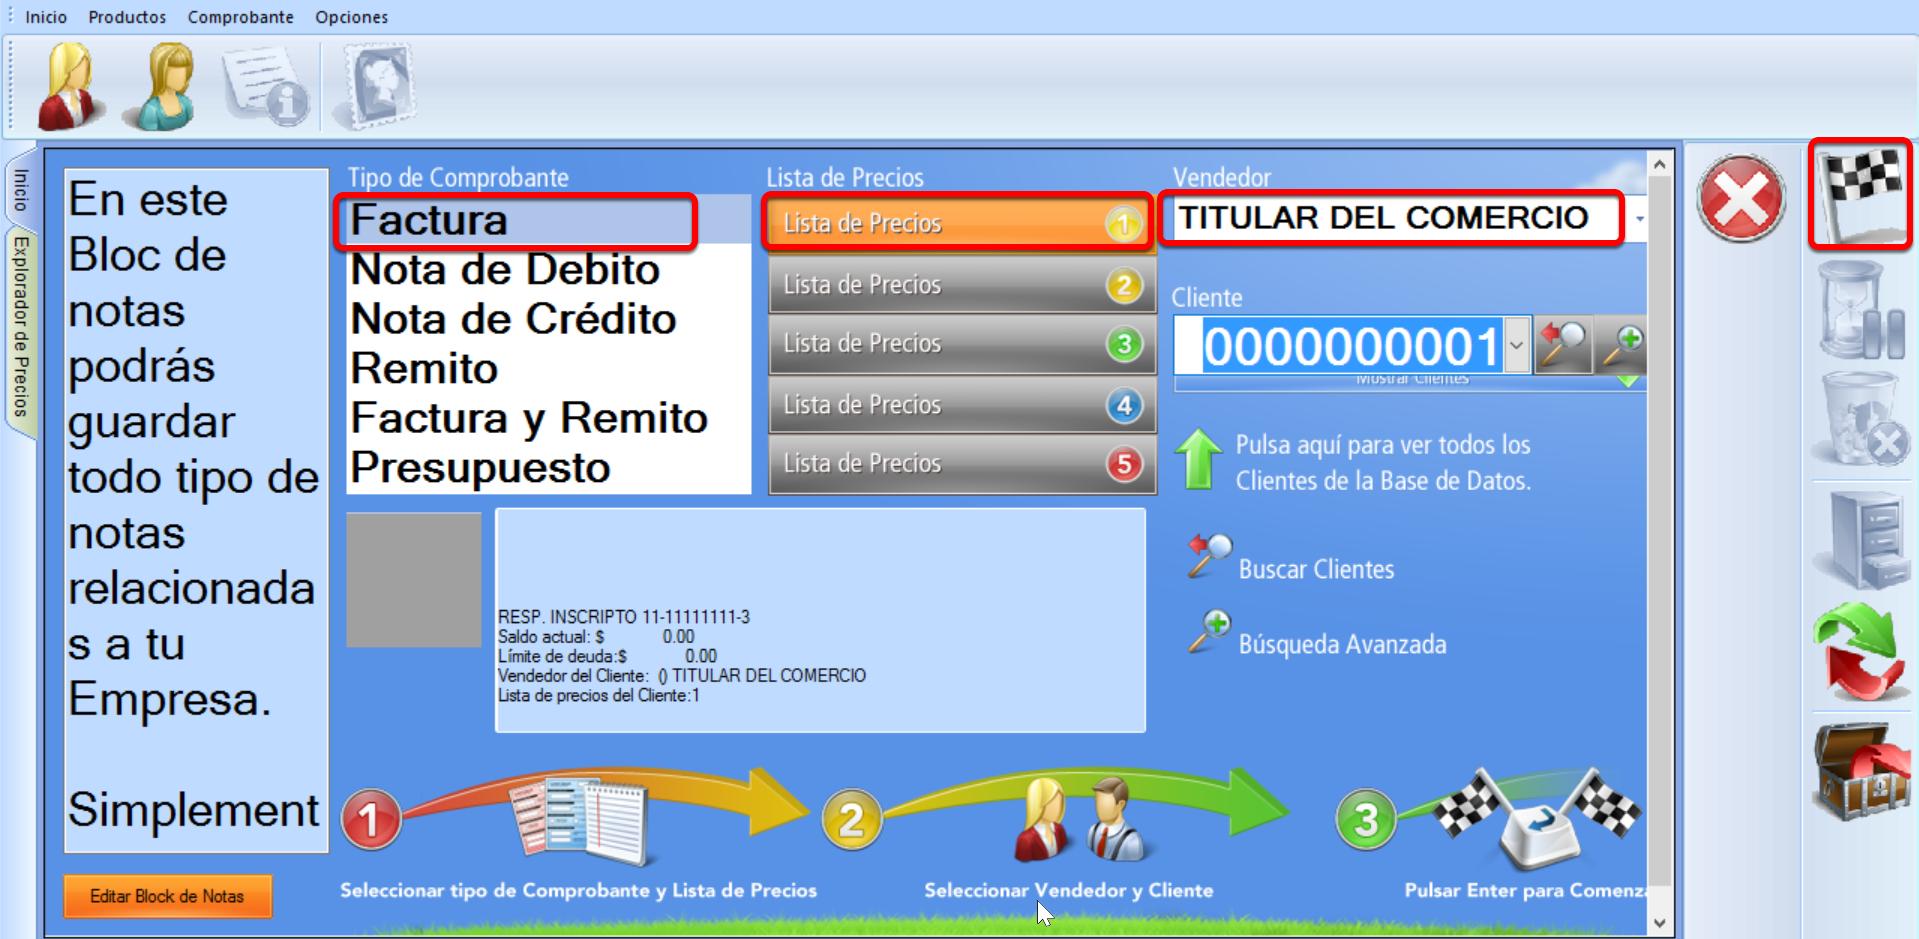 Seleccionar los parámetros para iniciar la Factura a Cuenta Corriente